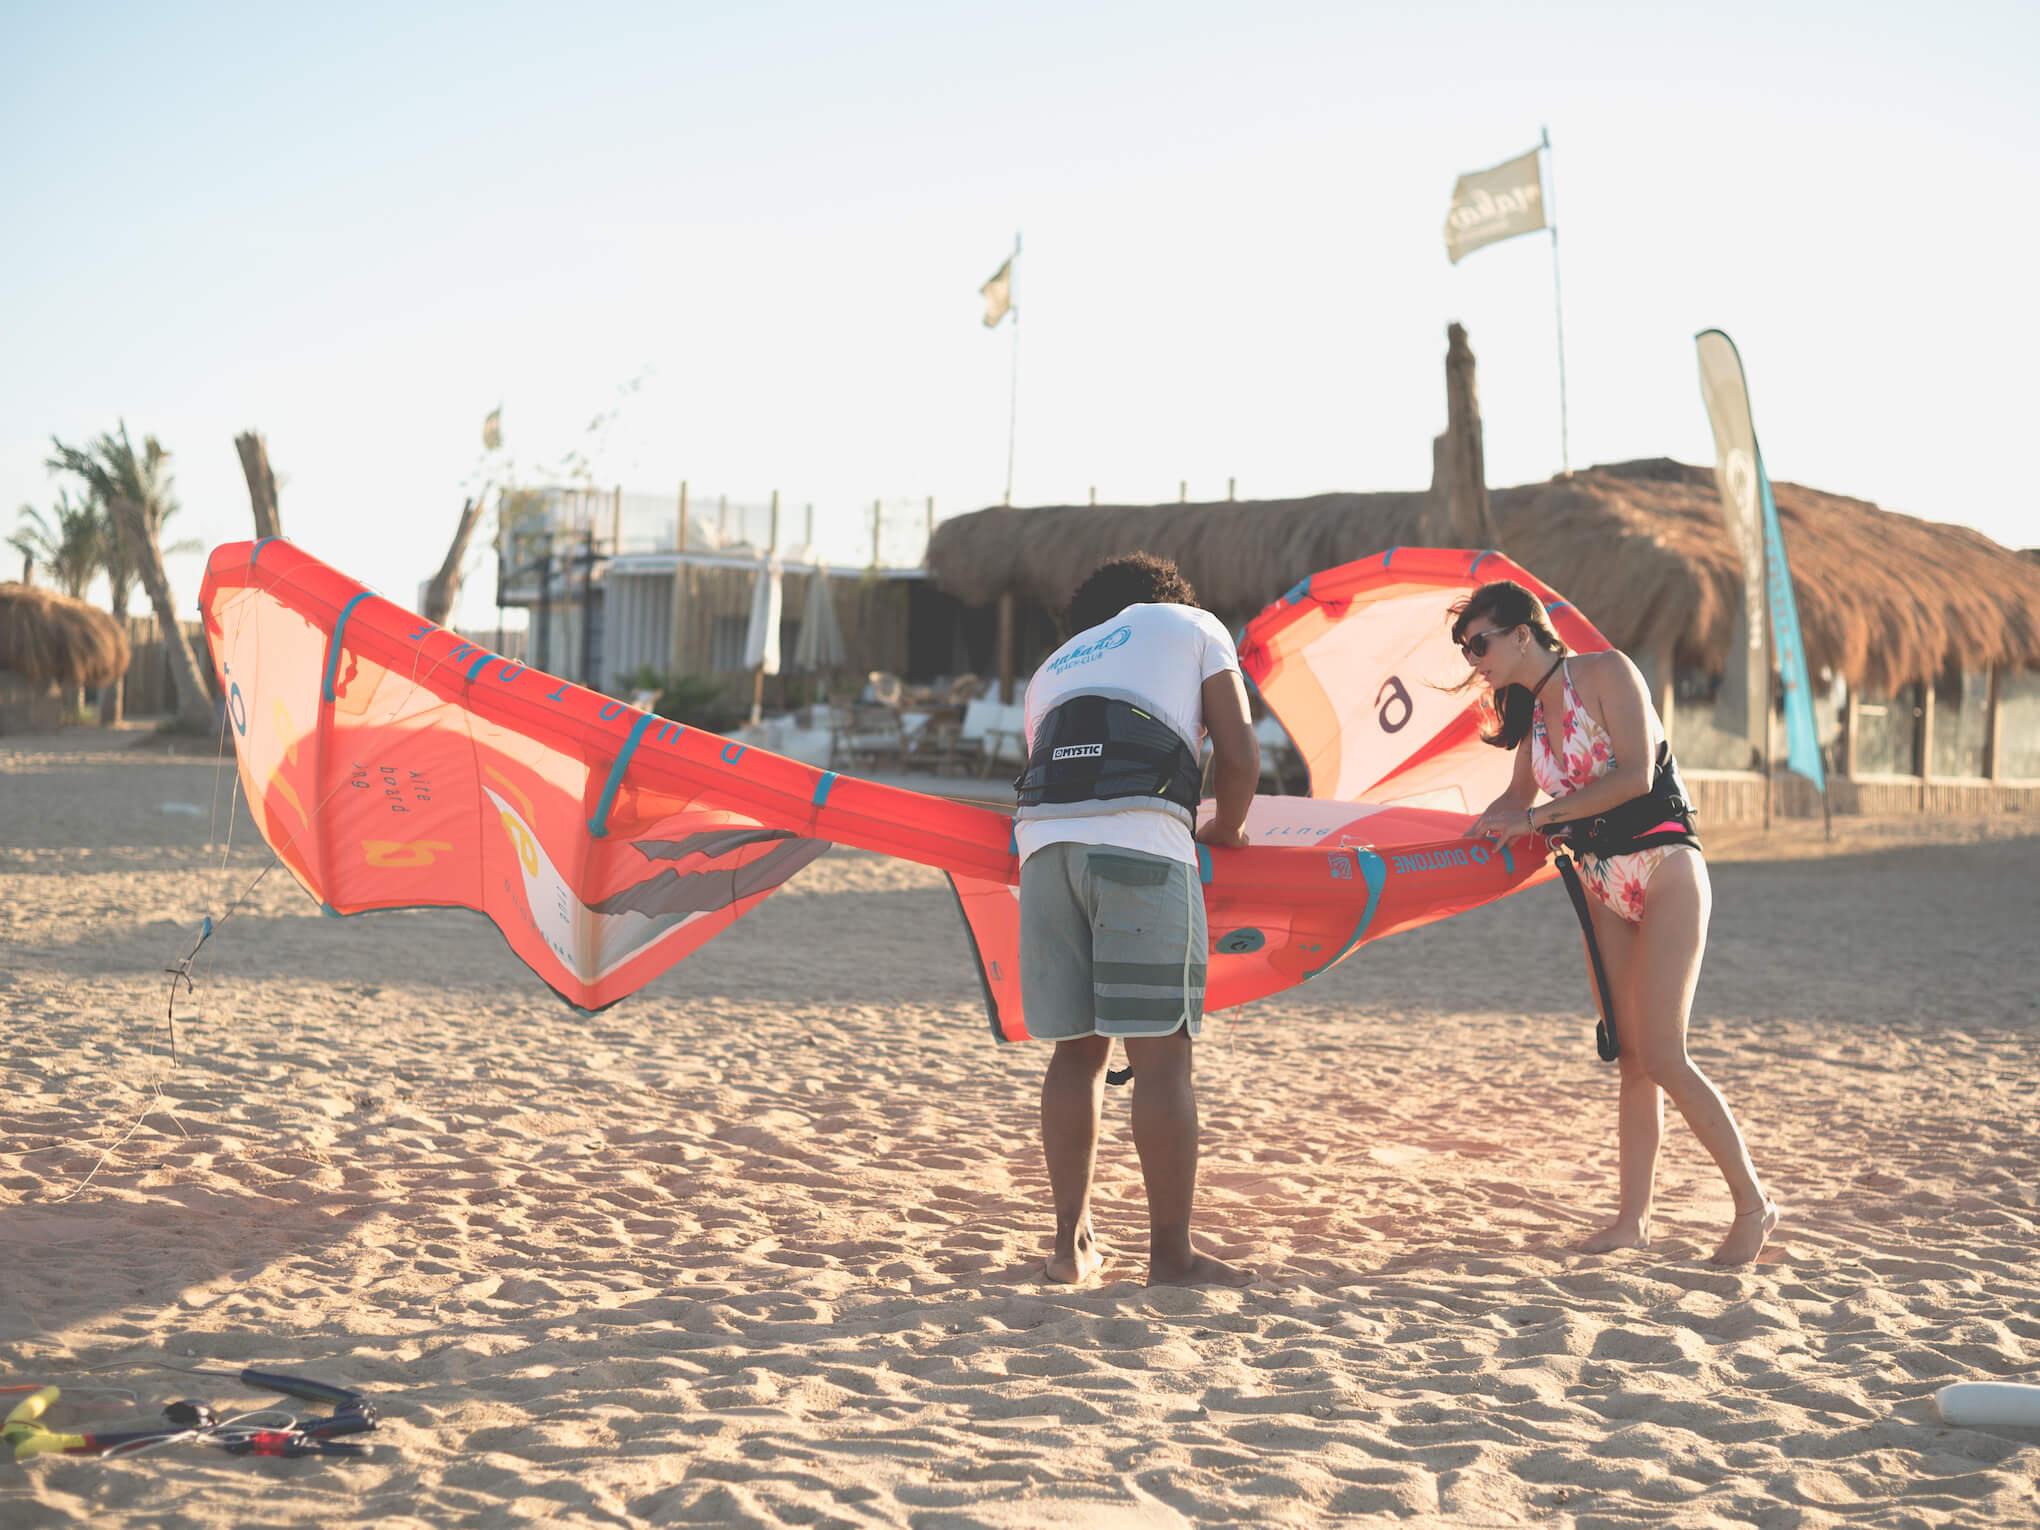 Kiten lernen in El Gouna